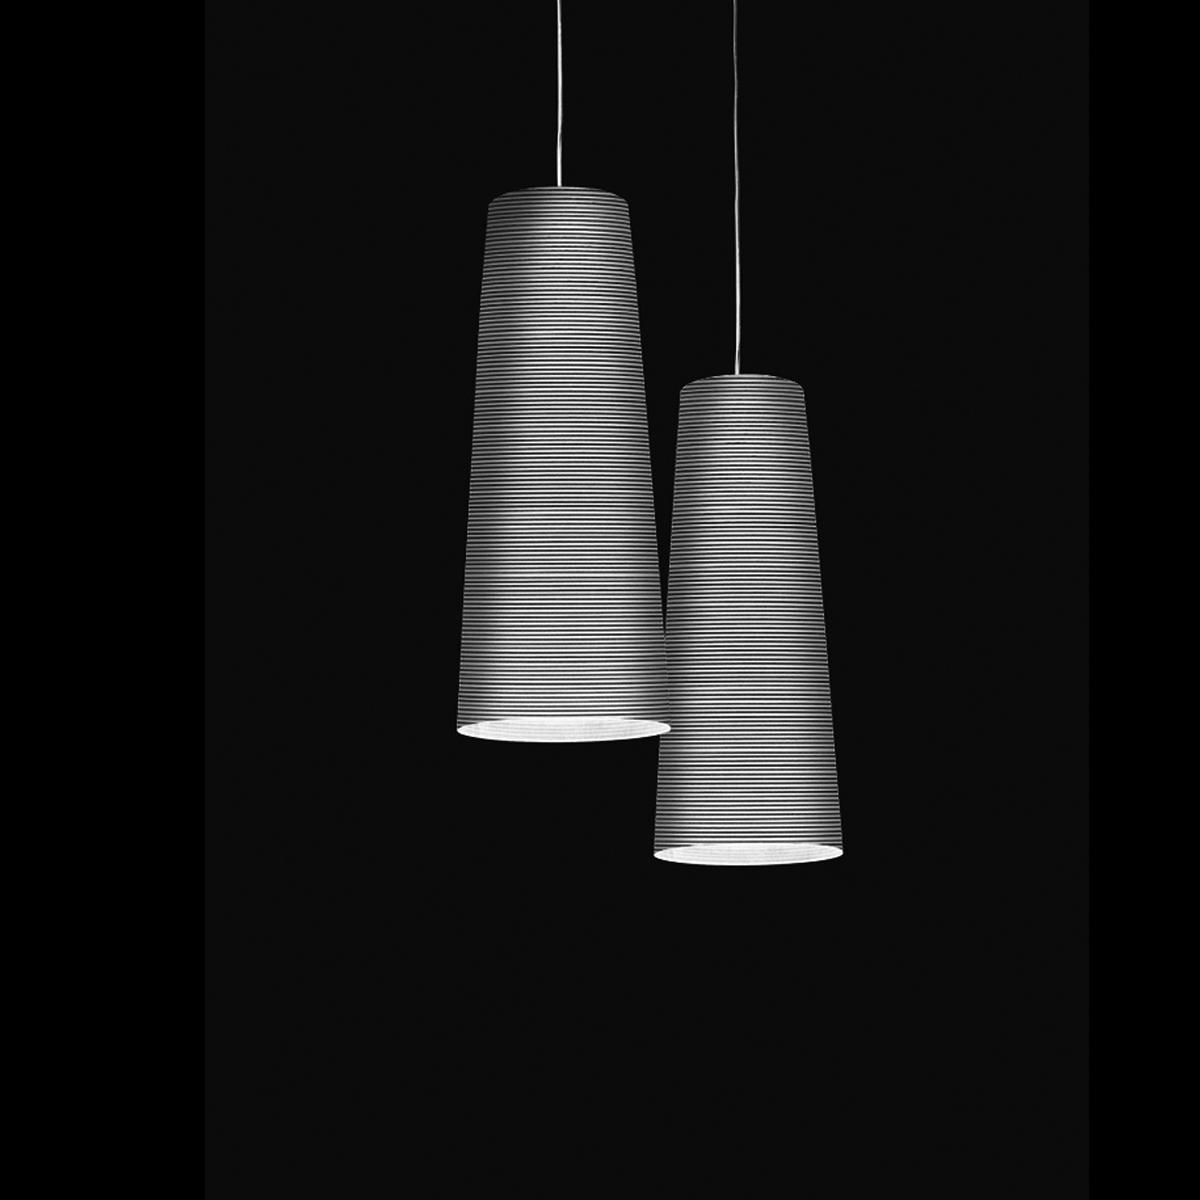 Tite 2 Suspension Lamp